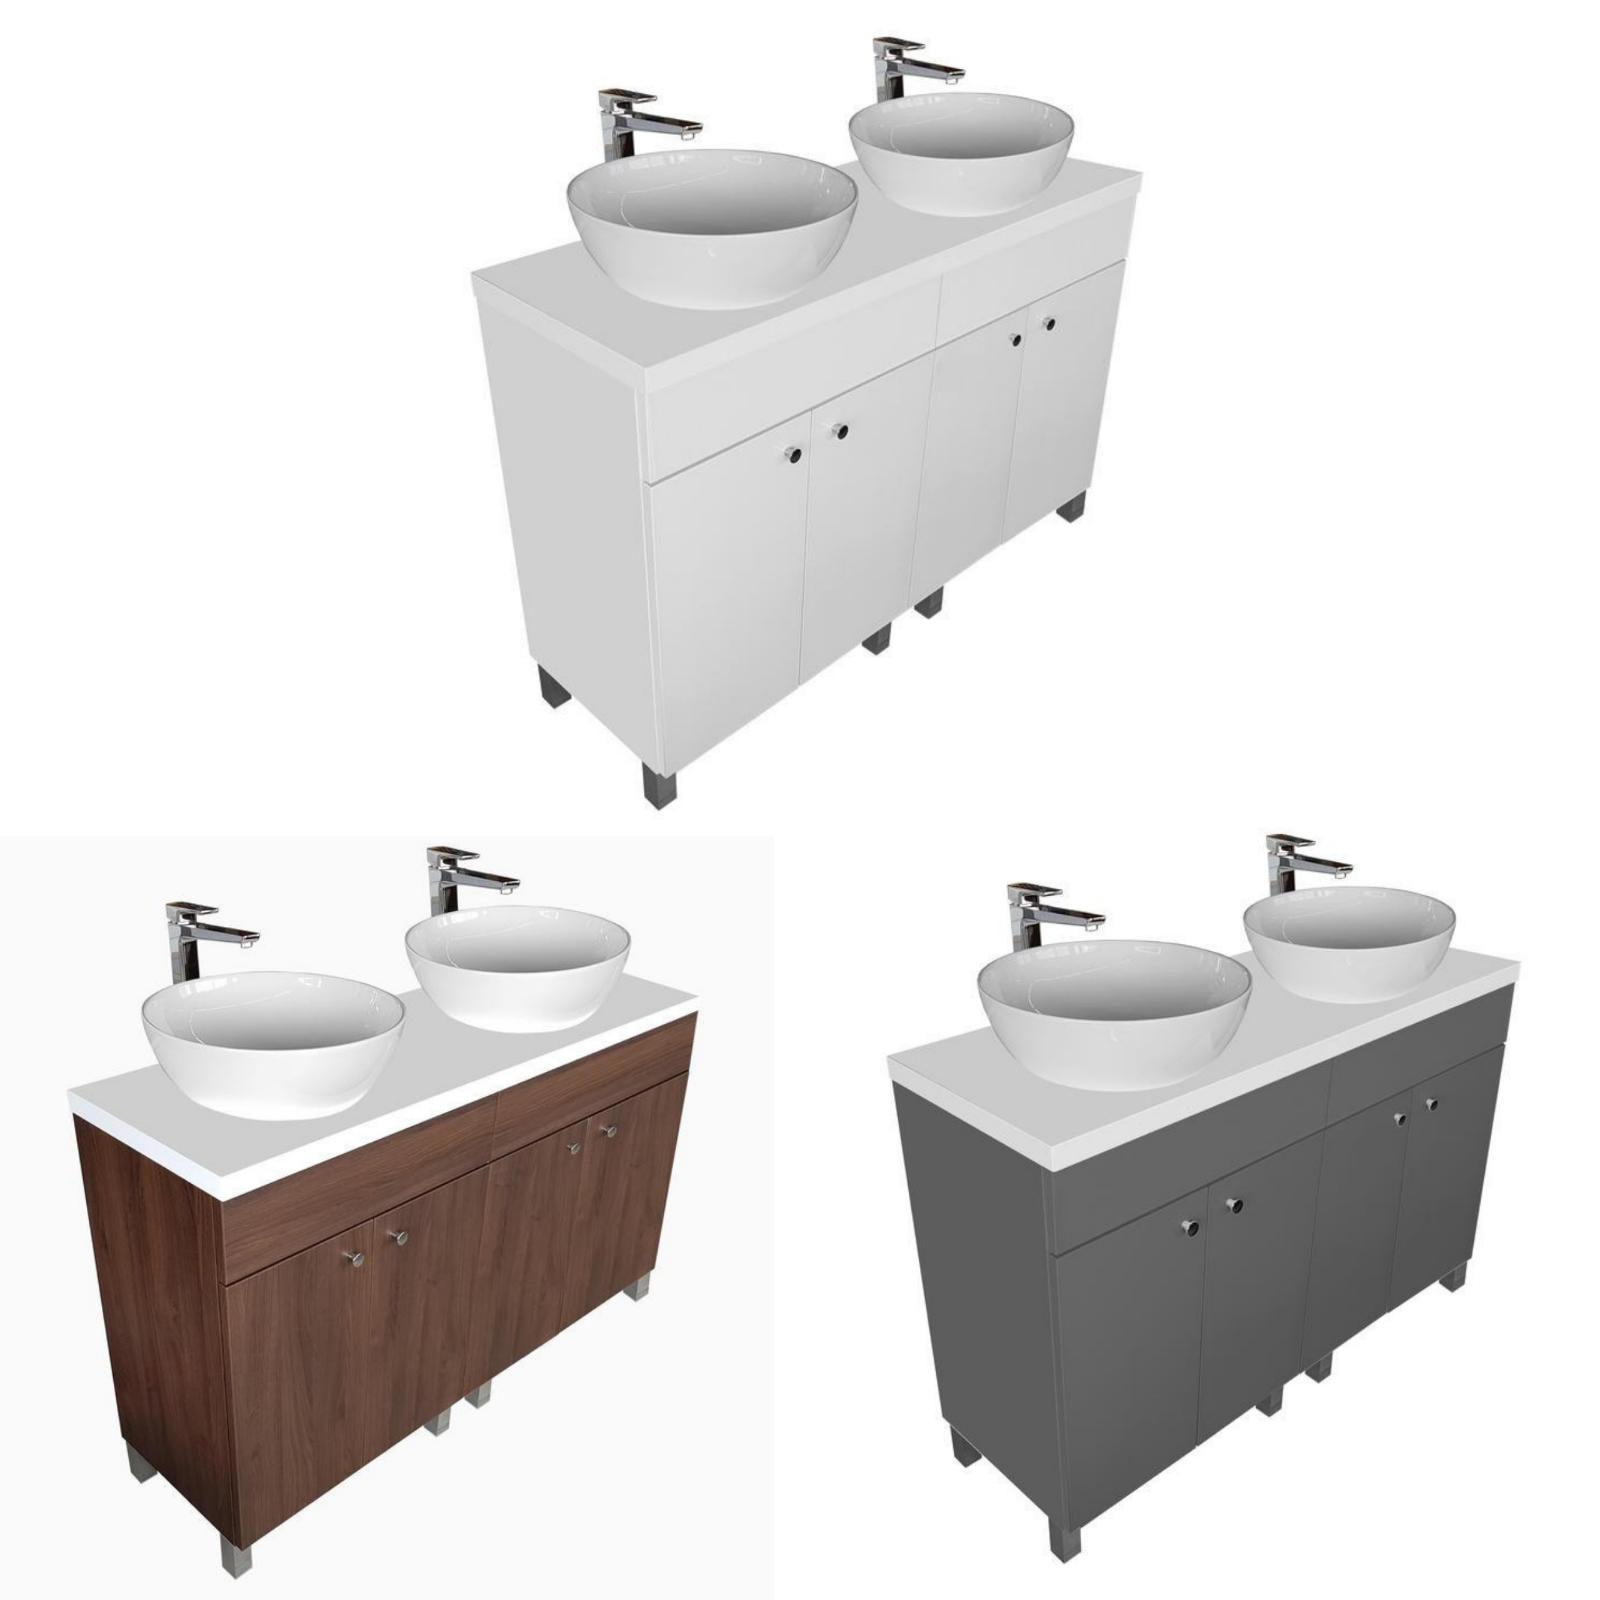 Doppelwaschtisch mit Waschtischplatte 120 und Zwei Aufsatzwaschbecken 40 oder 50